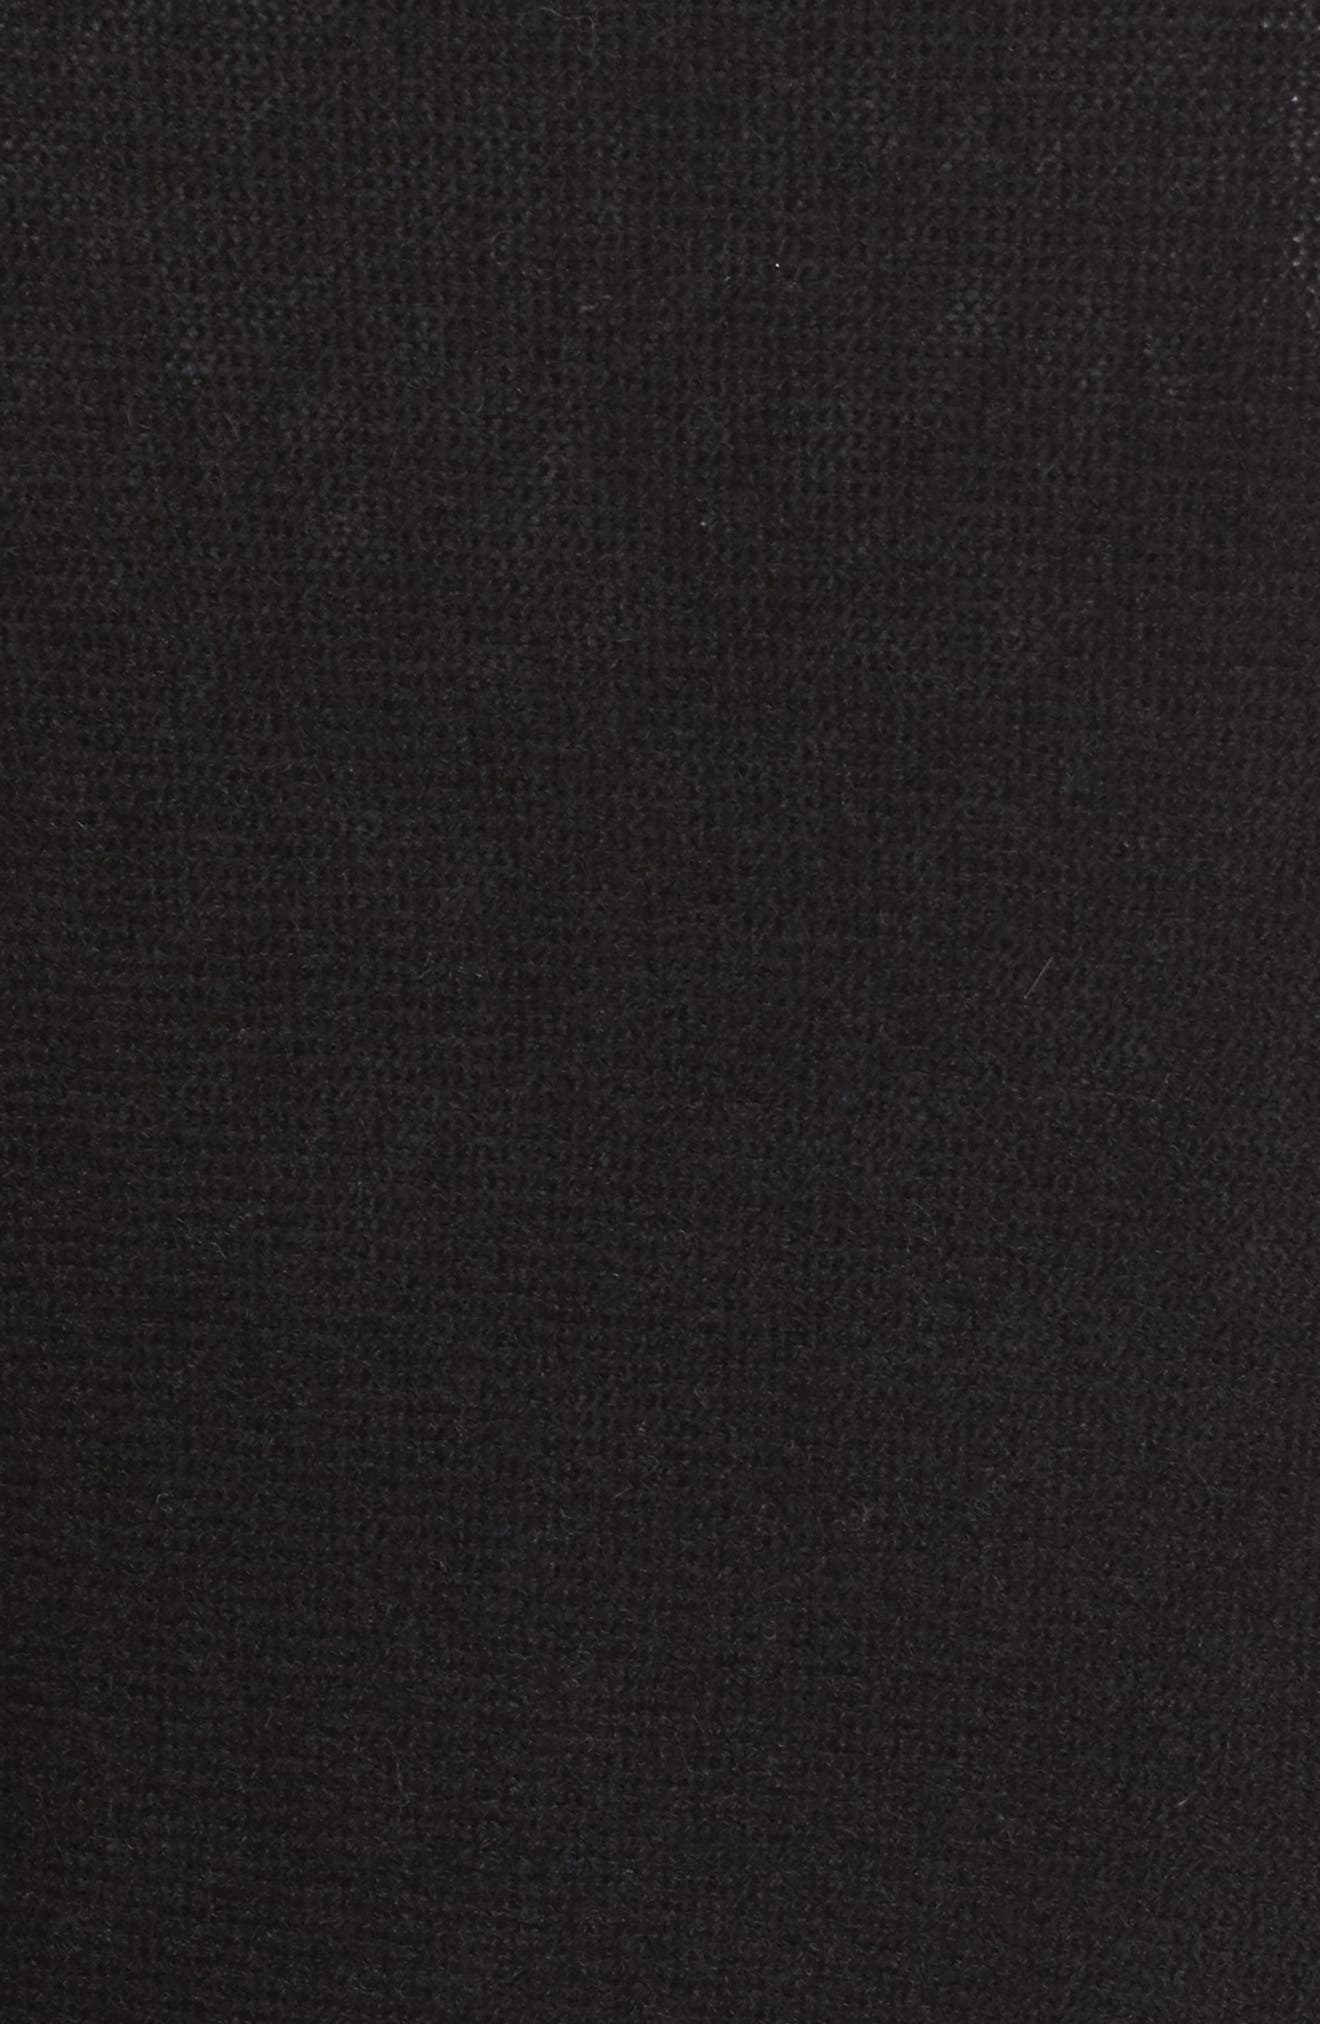 Travel Cashmere Wrap,                             Alternate thumbnail 5, color,                             001